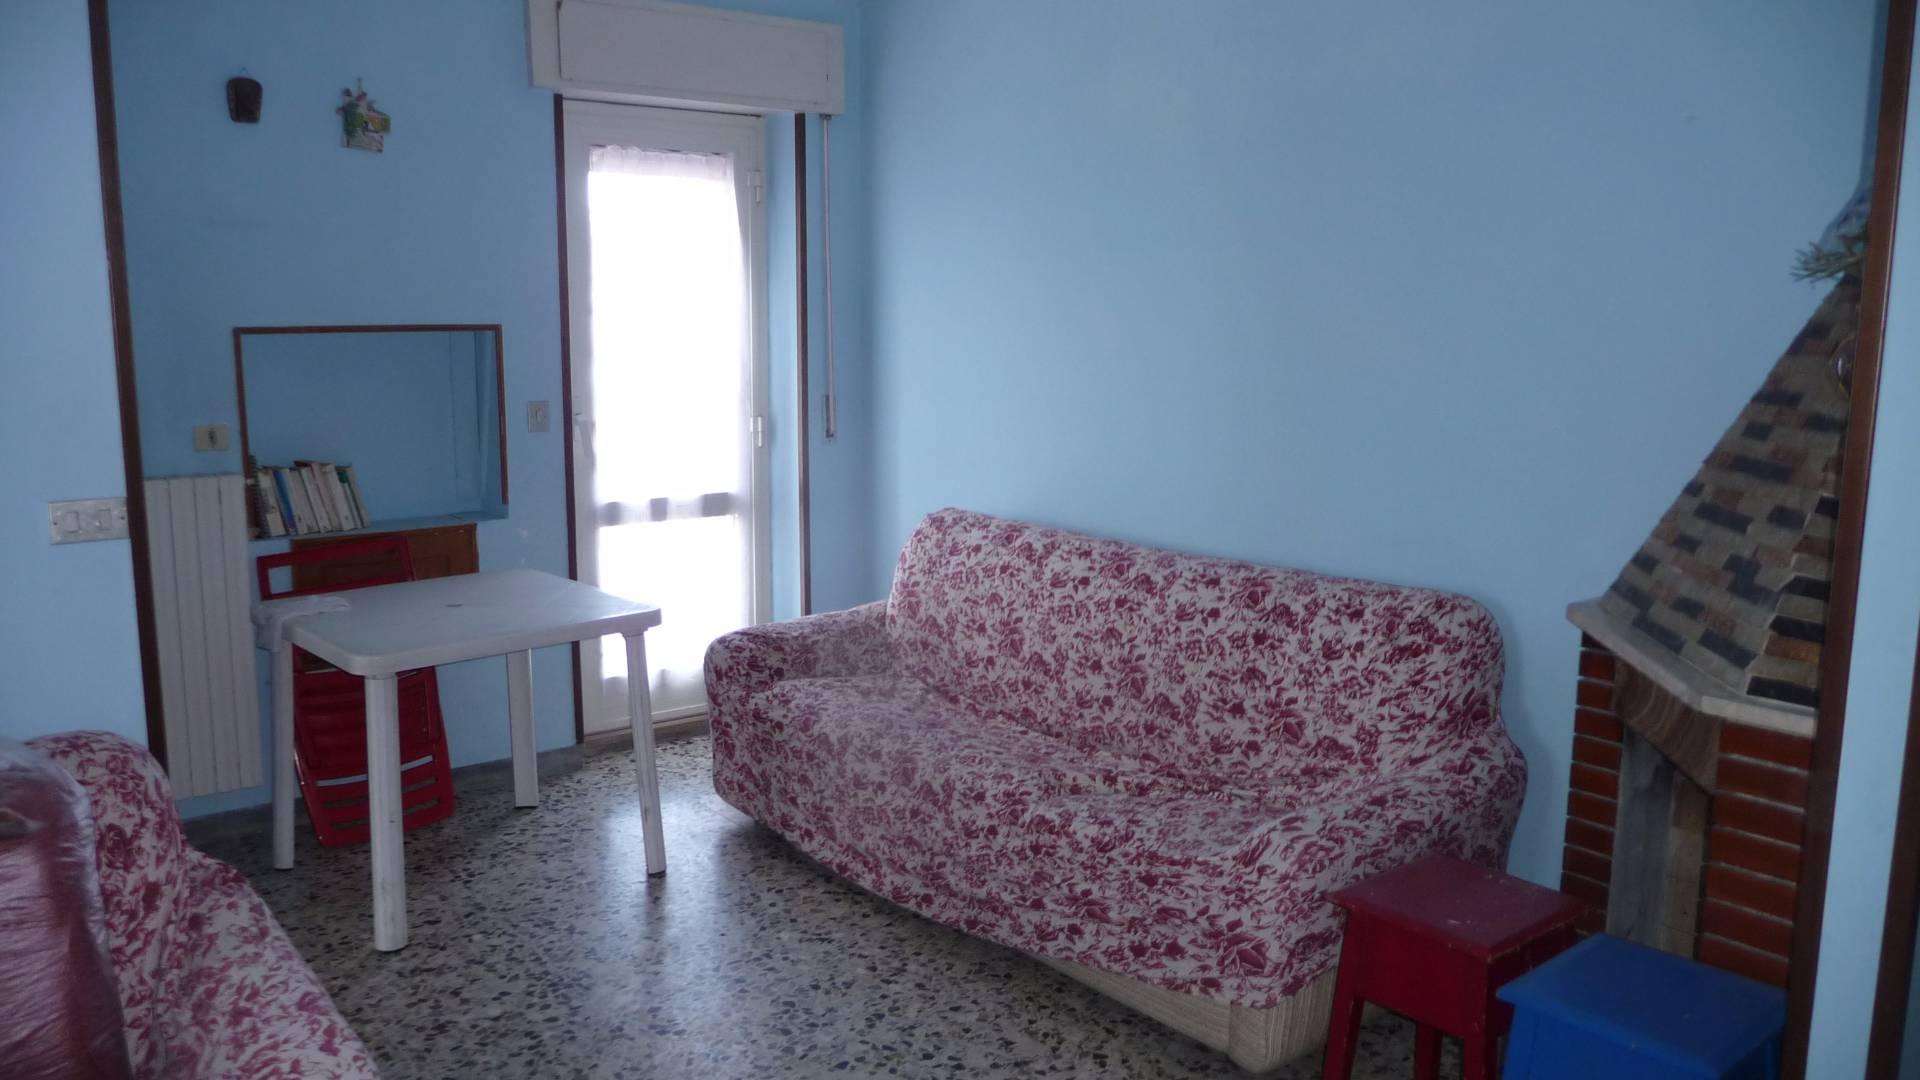 Appartamento in affitto a San Benedetto del Tronto, 3 locali, zona Località: PortodAscoli, prezzo € 550 | CambioCasa.it